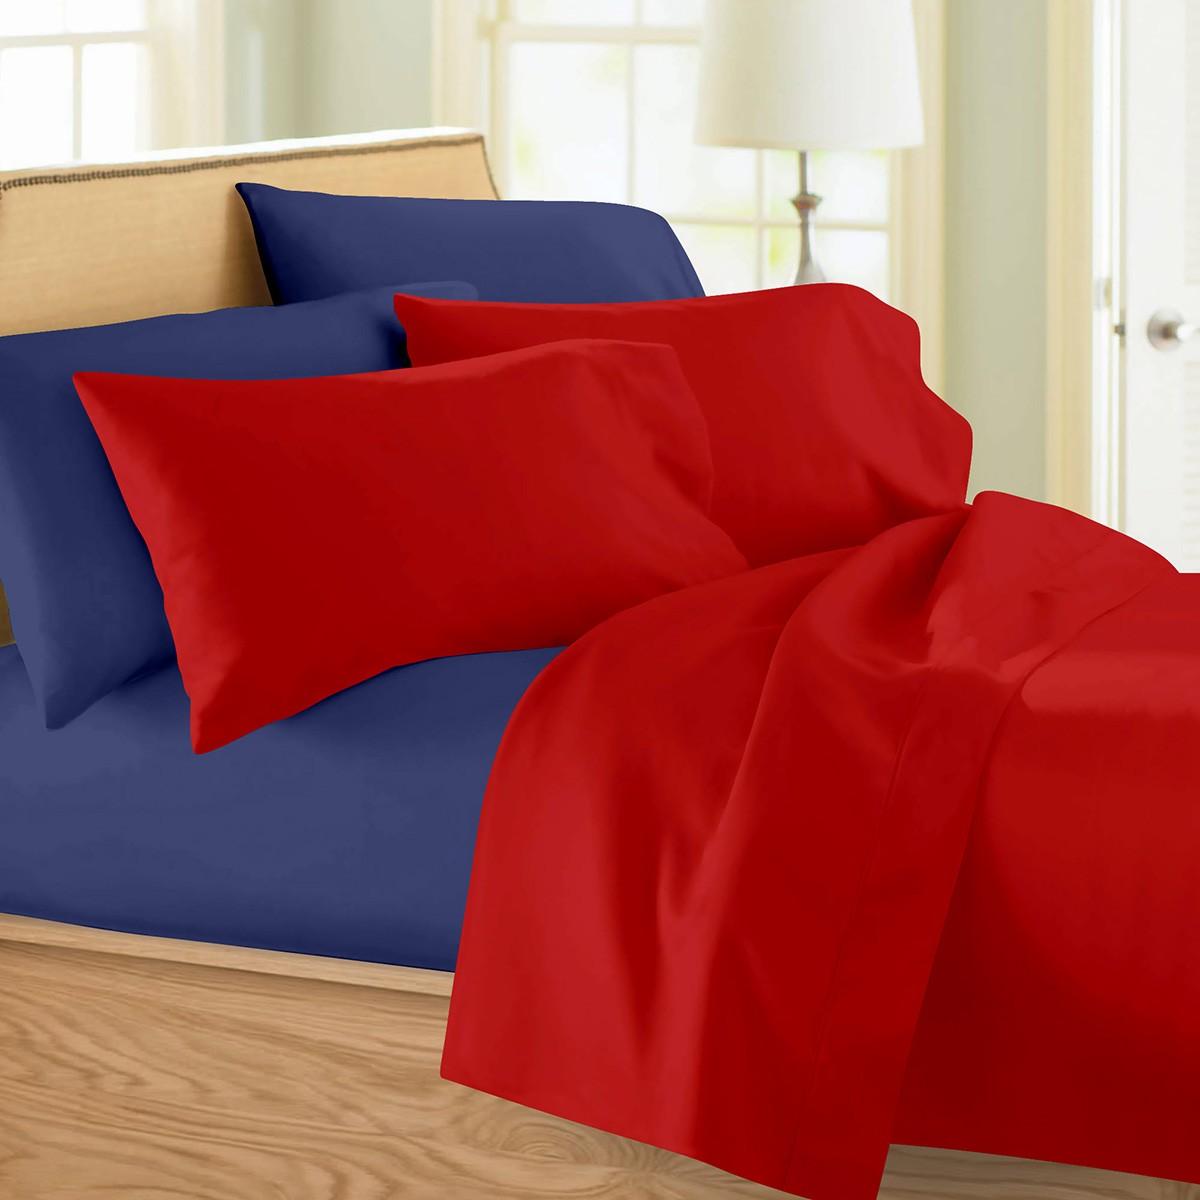 Σεντόνια Υπέρδιπλα (Σετ) Maison Blanche 11002 Κόκκινο/Μπλε